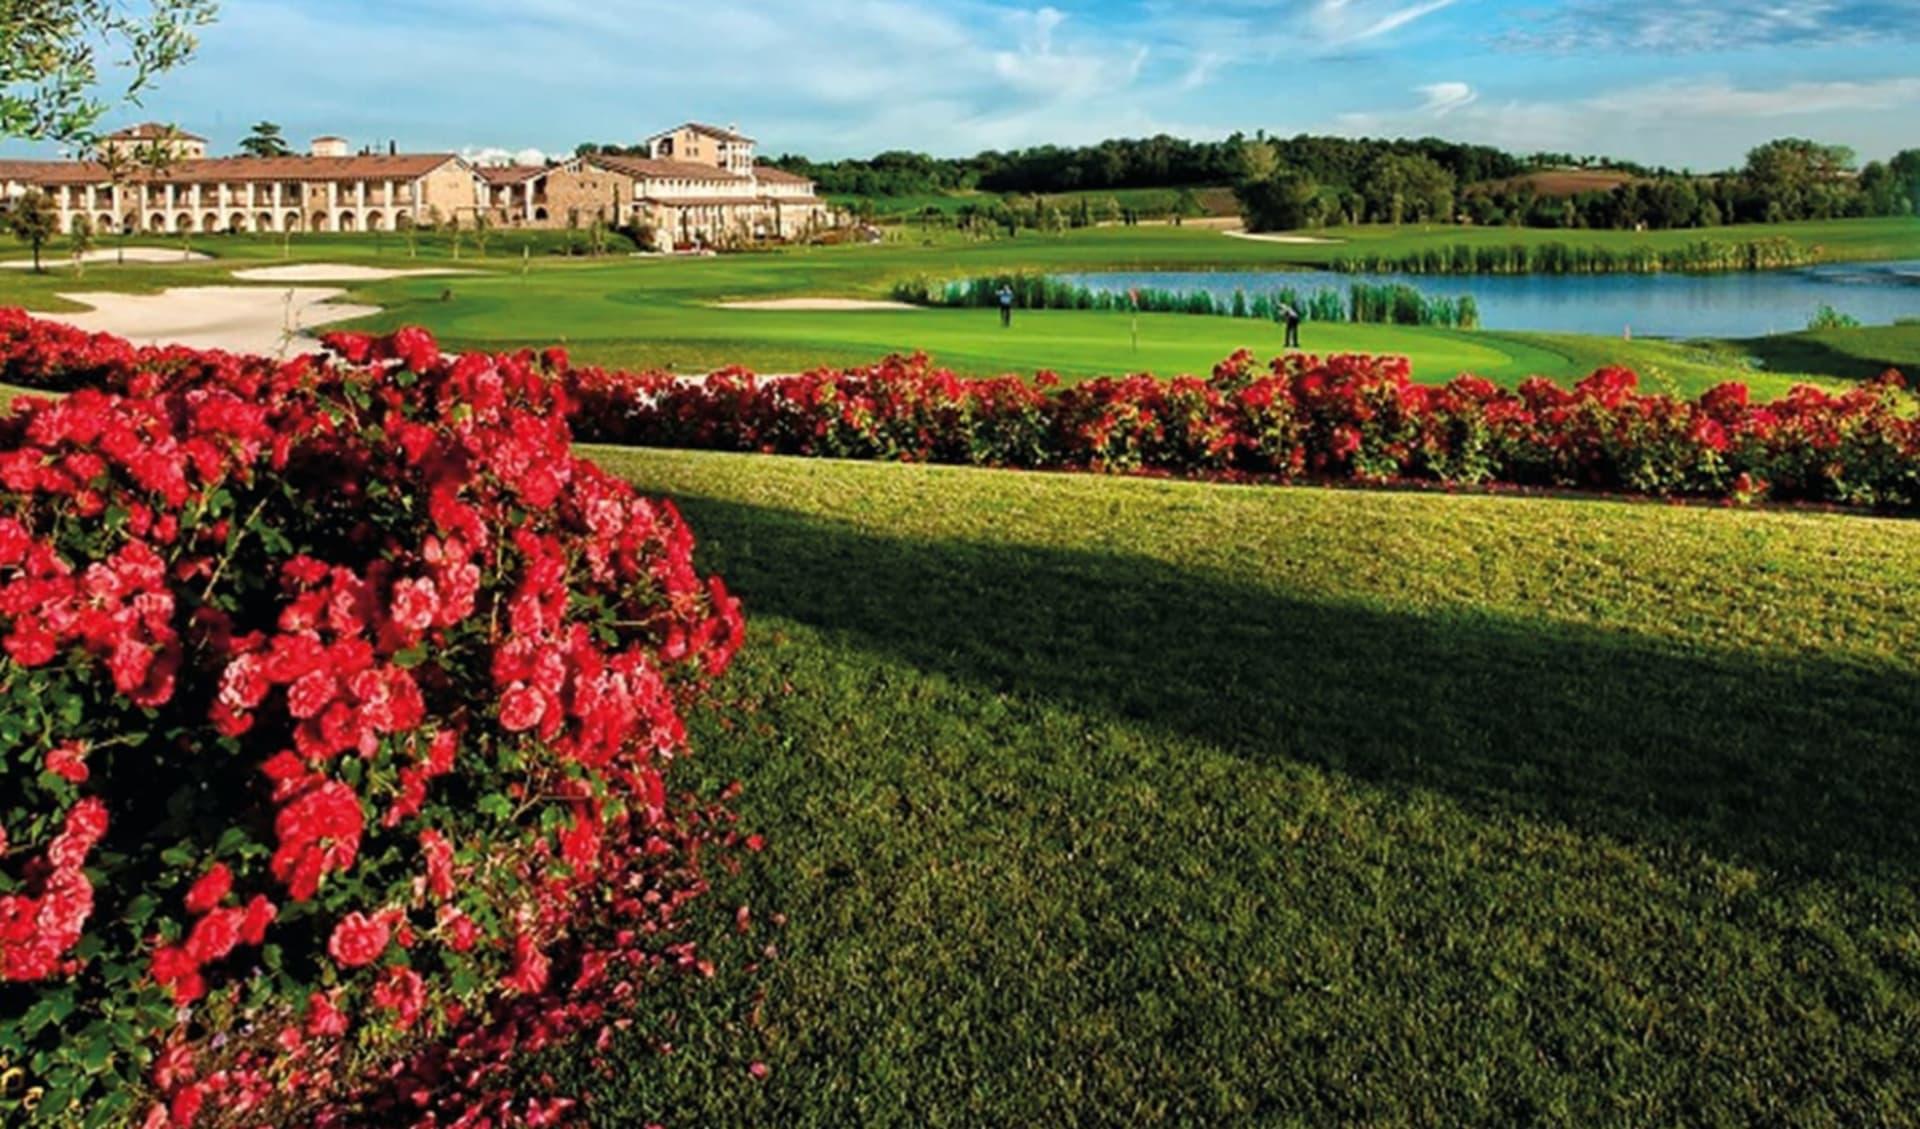 Chervo Golf Resort in Gardasee: Chervo Golf